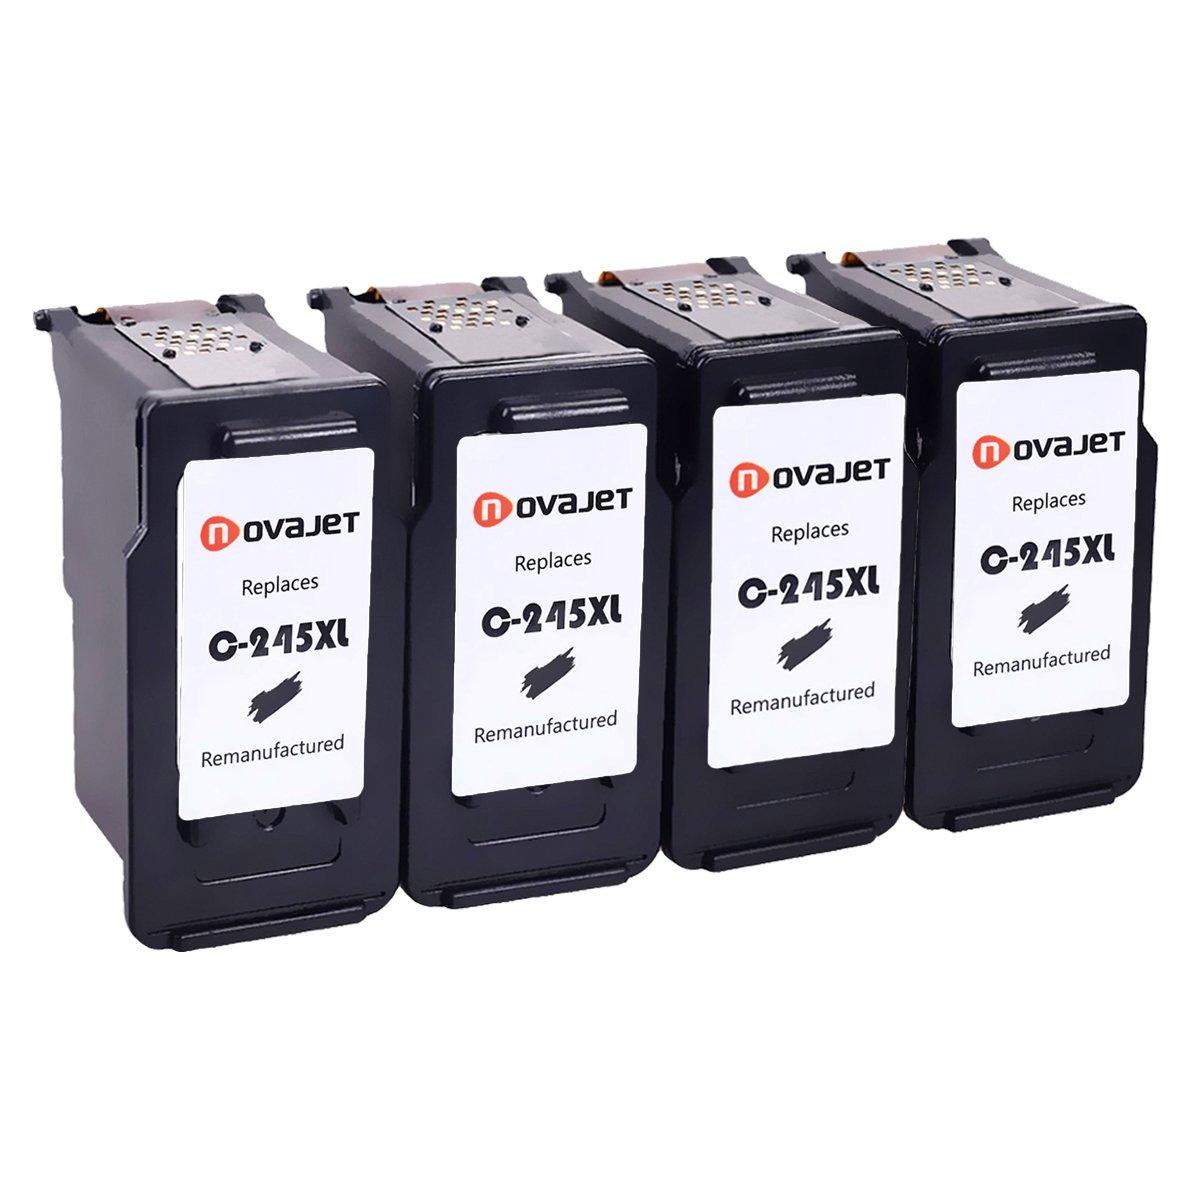 【お買得!】 Novajet PG Remanufactured mx490 for Canon PG - for 245 X L PG 245 XLインクカートリッジ高Yield ( 4ブラック)は、正確なインクレベルで使用Canon Pixma mg2520 mg2522 mg2920 mg2922 mg2924 mg2420 mx490 mx492 ip2820プリンタ B078NR2HVW, チクゴシ:ac852fd8 --- diceanalytics.pk